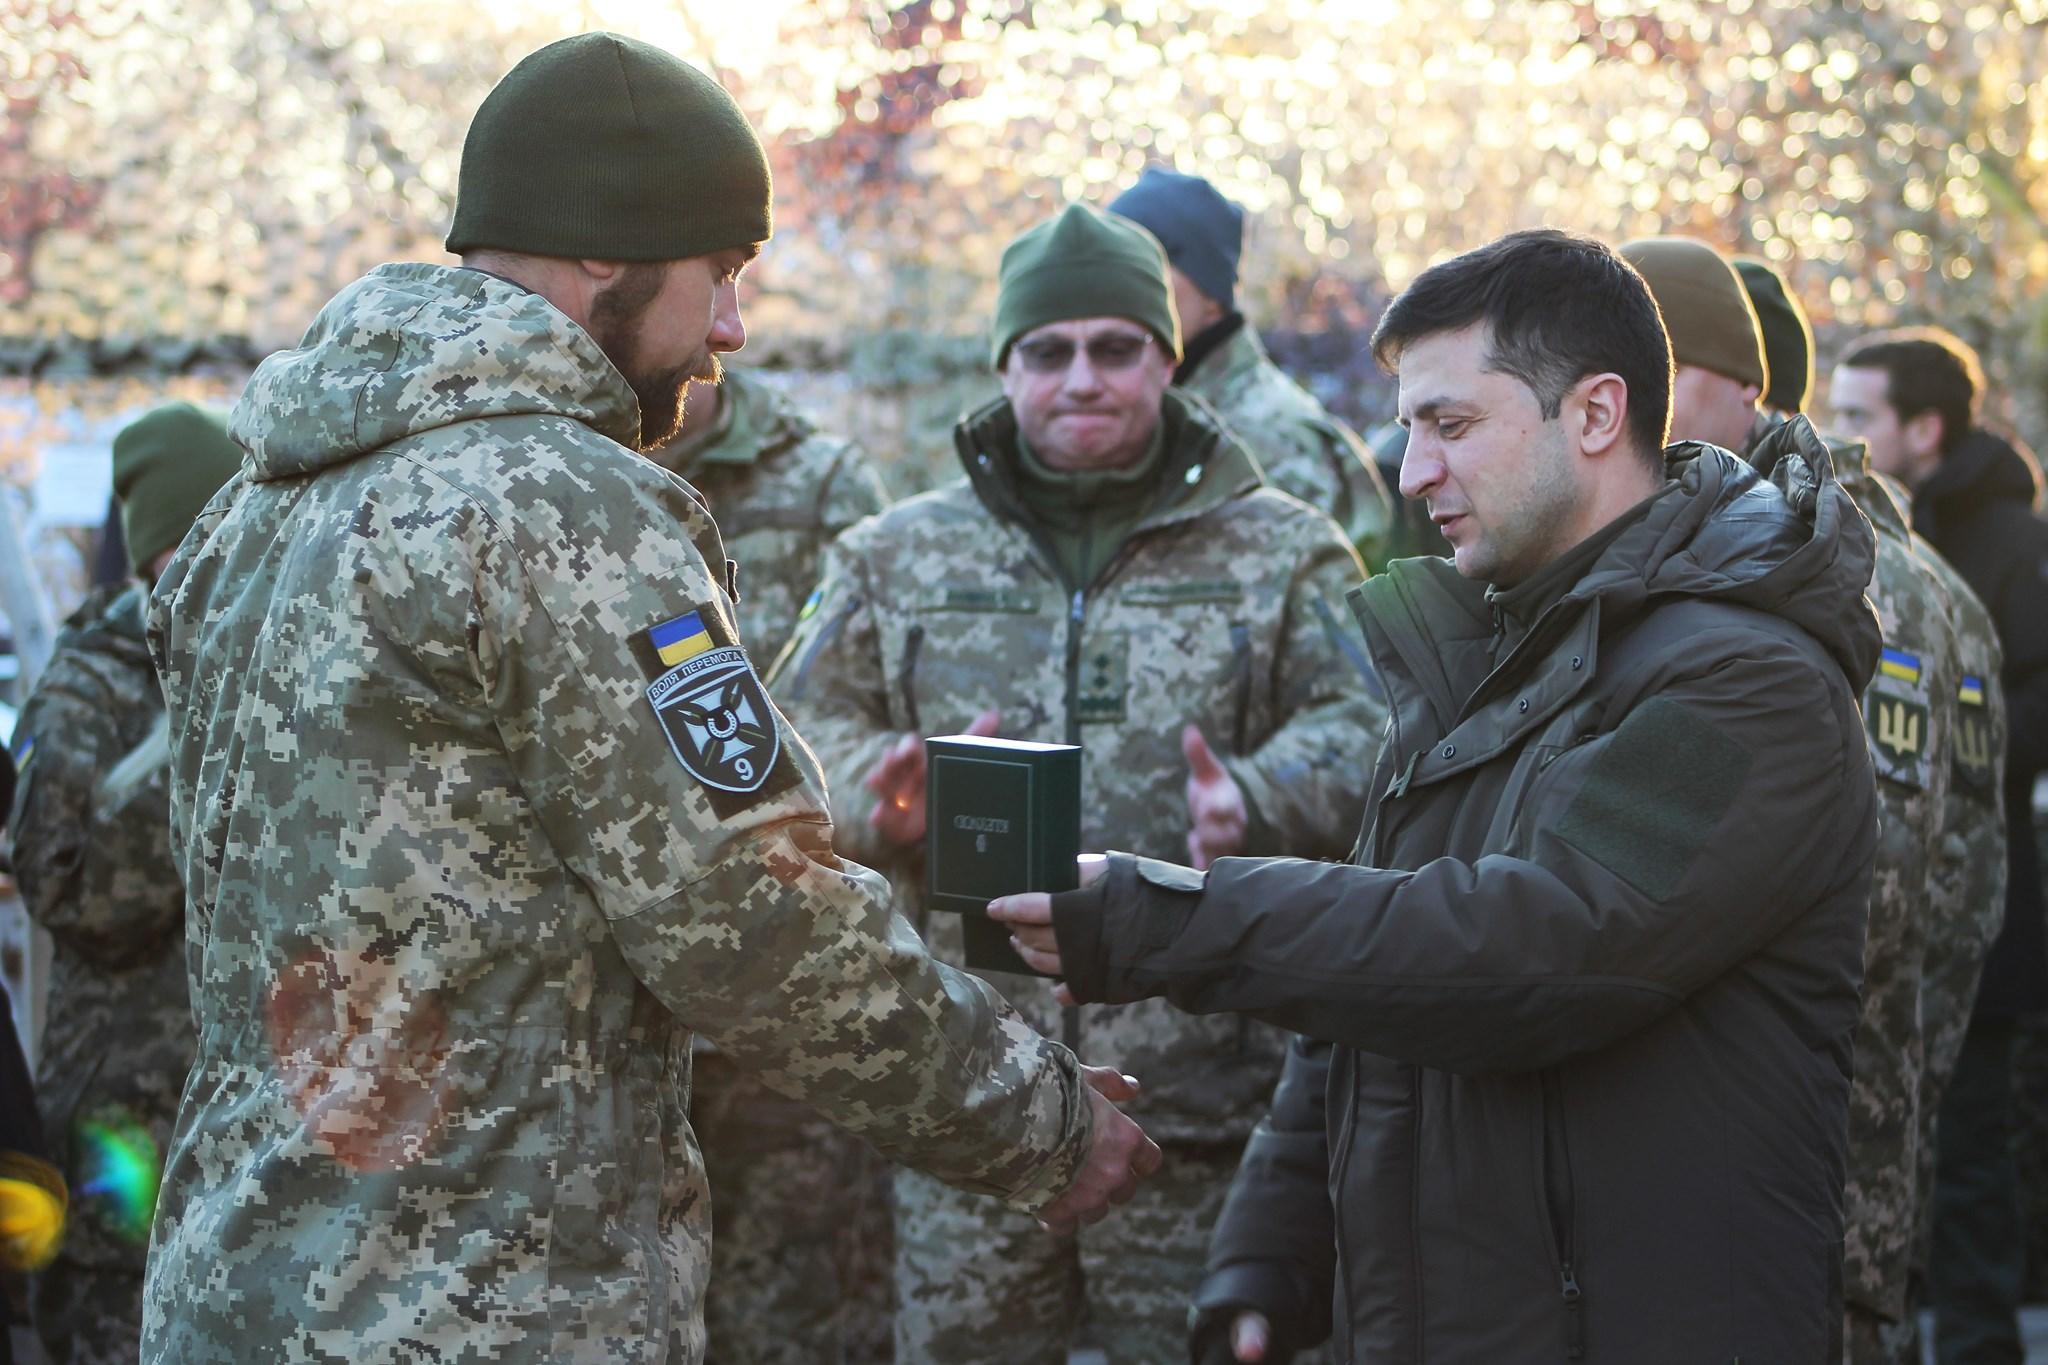 Награждение Зеленским солдата ВСУ на передовой 7 декабря 2019 г.